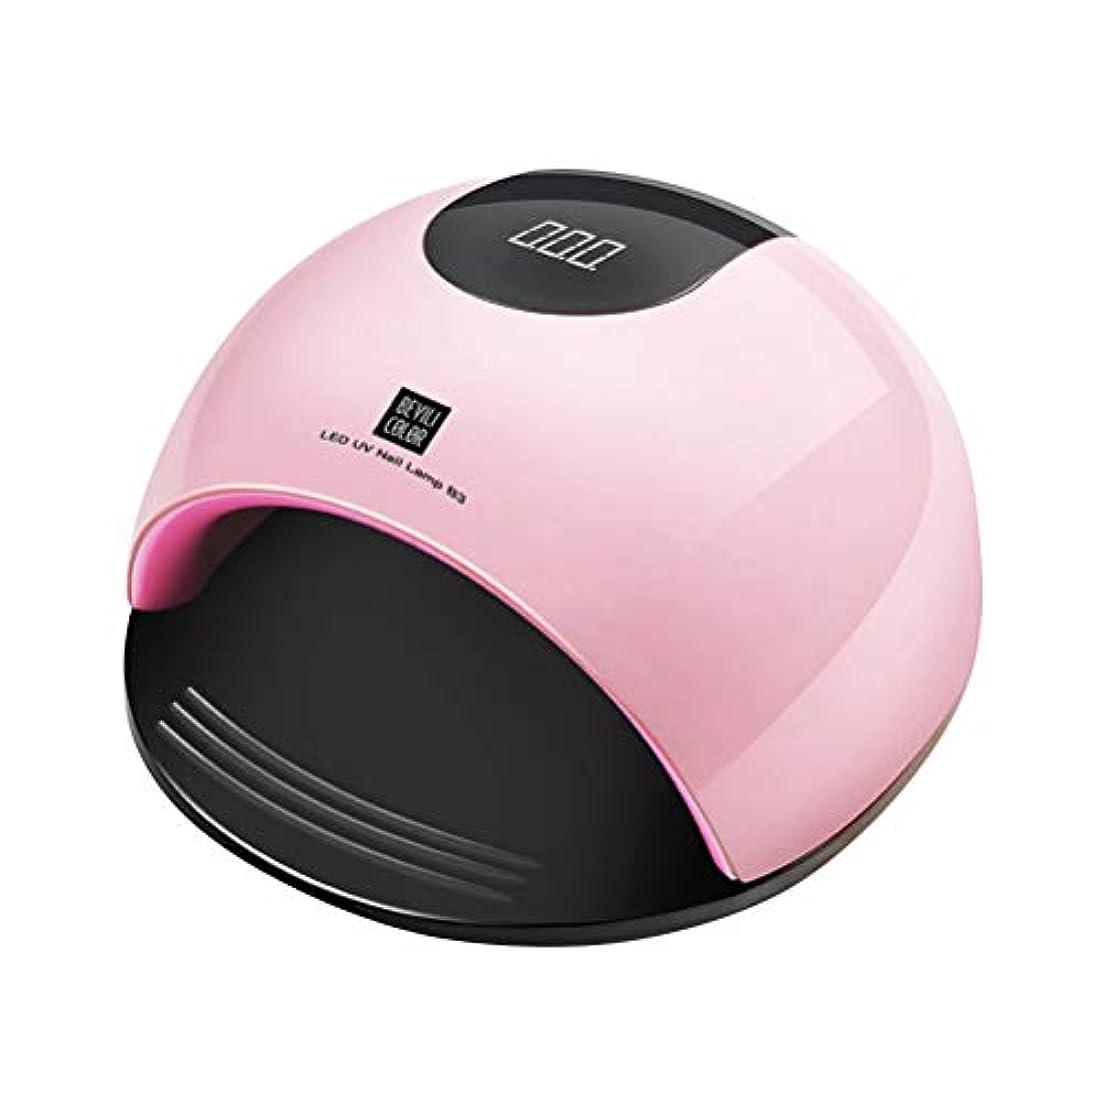 呼びかける磁器ピッチャーLurrose 爪のための80W UV LEDネイルランプドライヤージェルネイルポリッシュセンサーとUSプラグ付き4タイマー設定付きプロのネイルドライヤー(ピンク焼きエナメル)